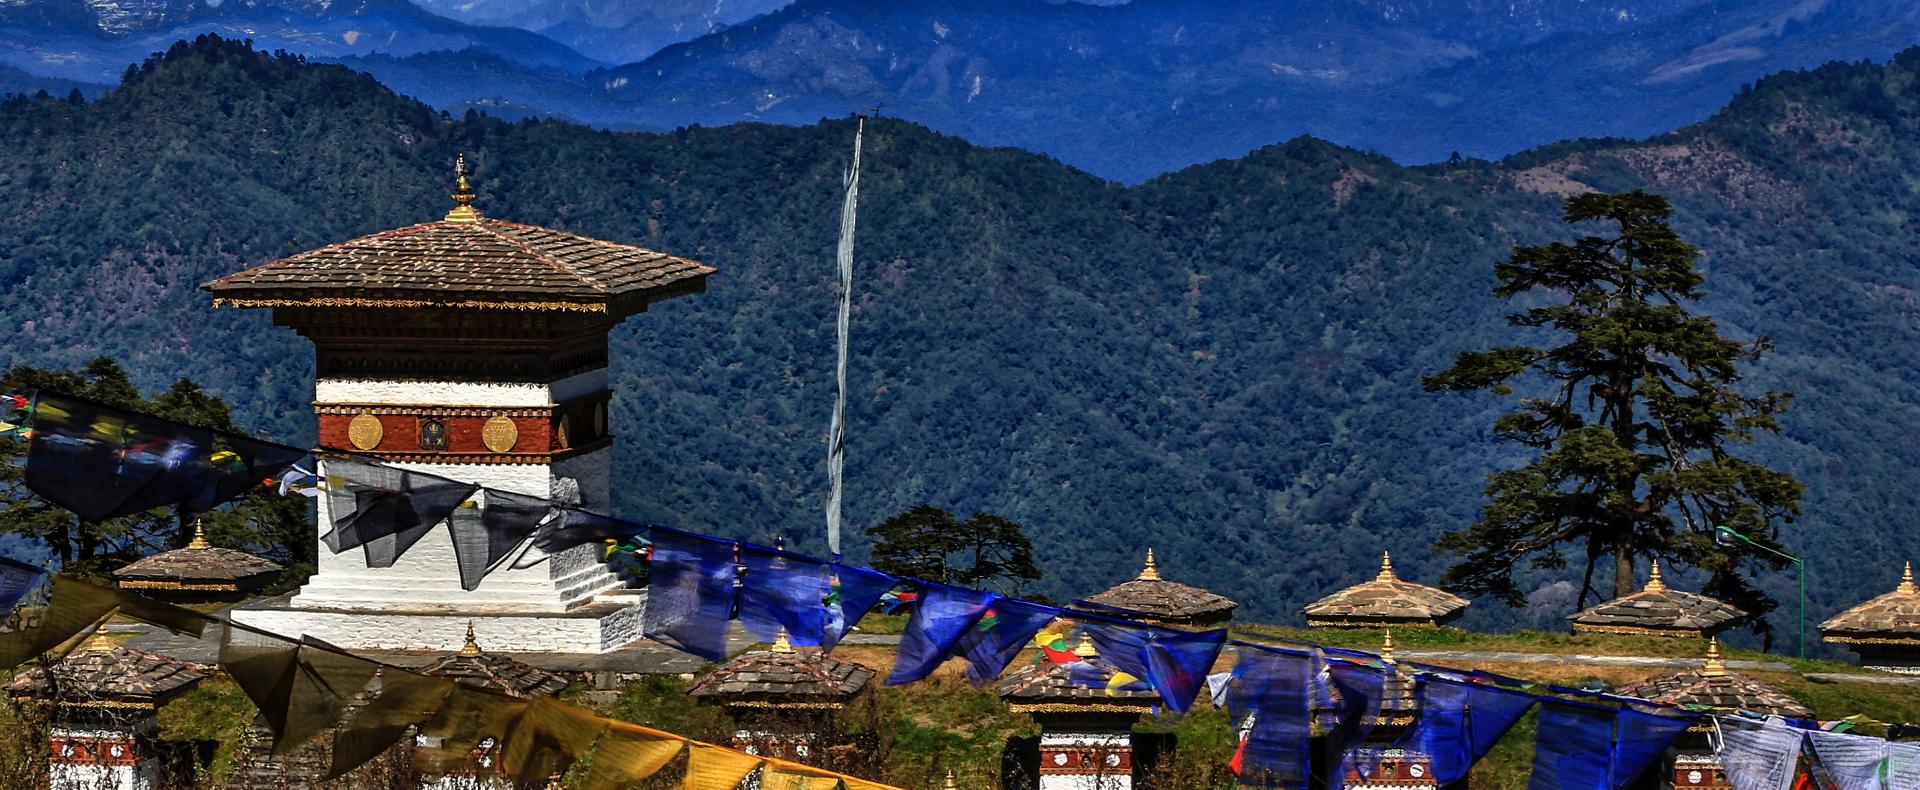 DURING BHUTAN TOUR